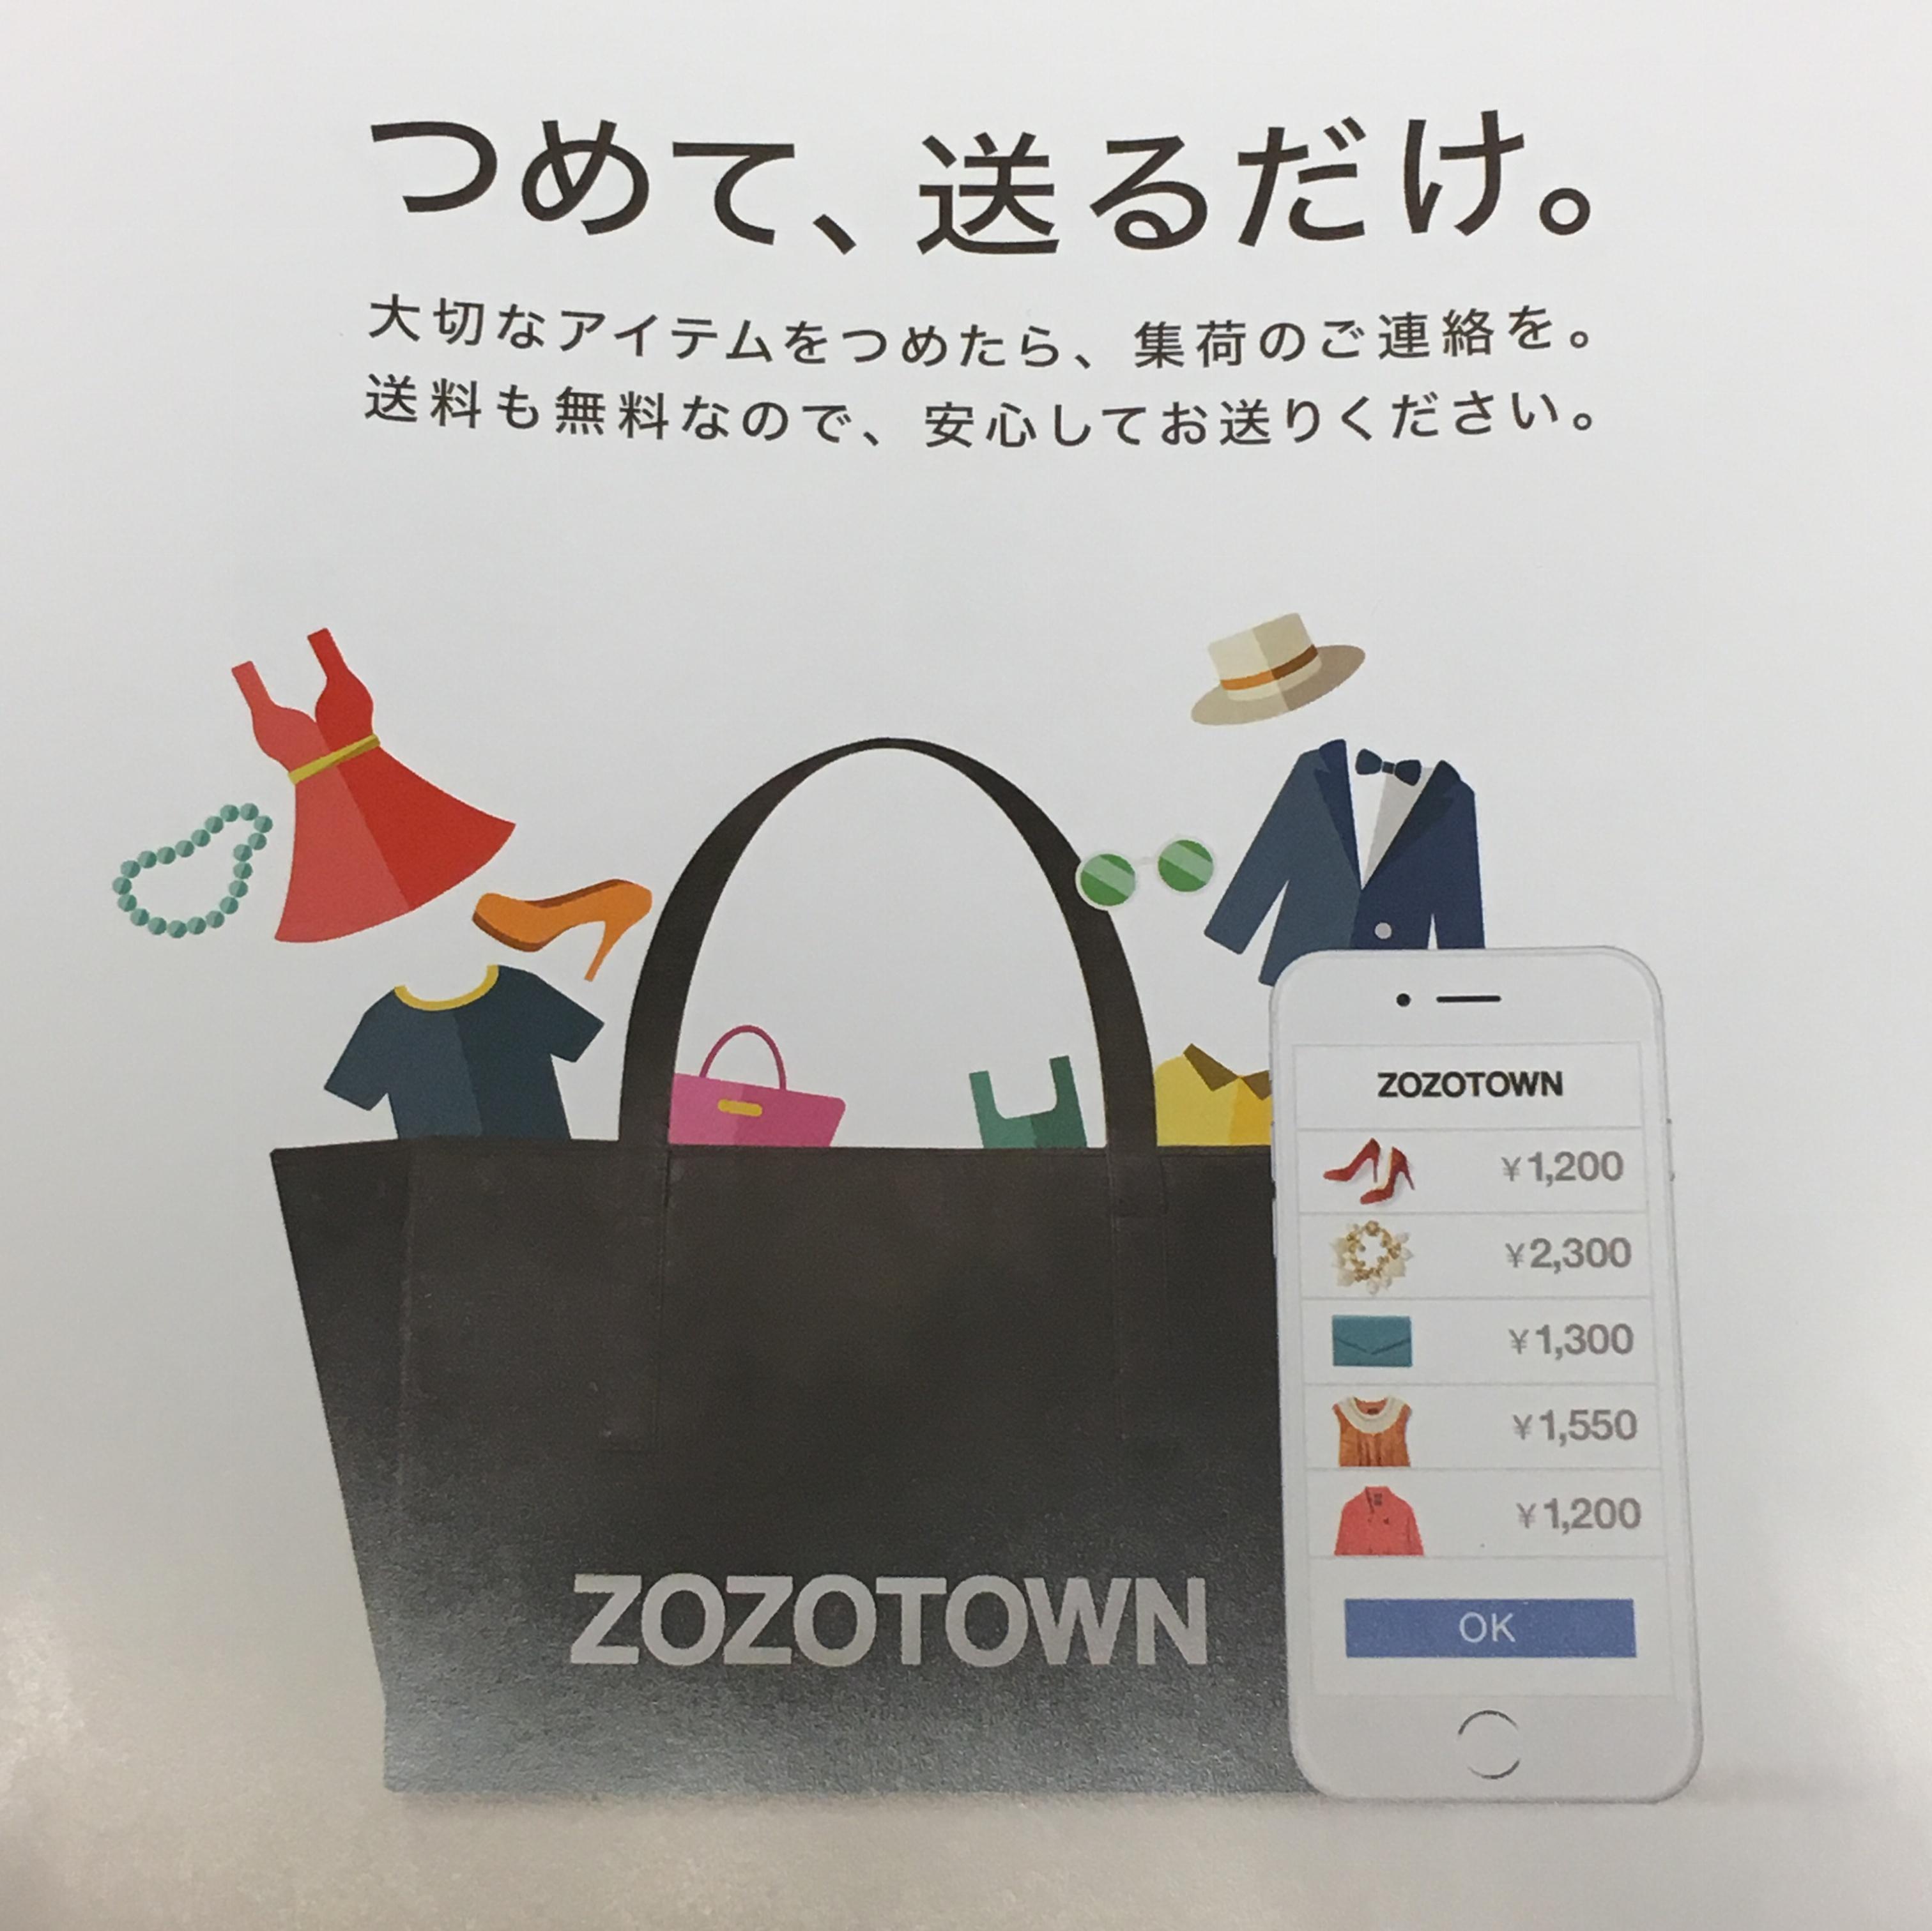 Let's断捨離★-zozotown(ゾゾタウン)の古着買取サービスが使える!!-_1